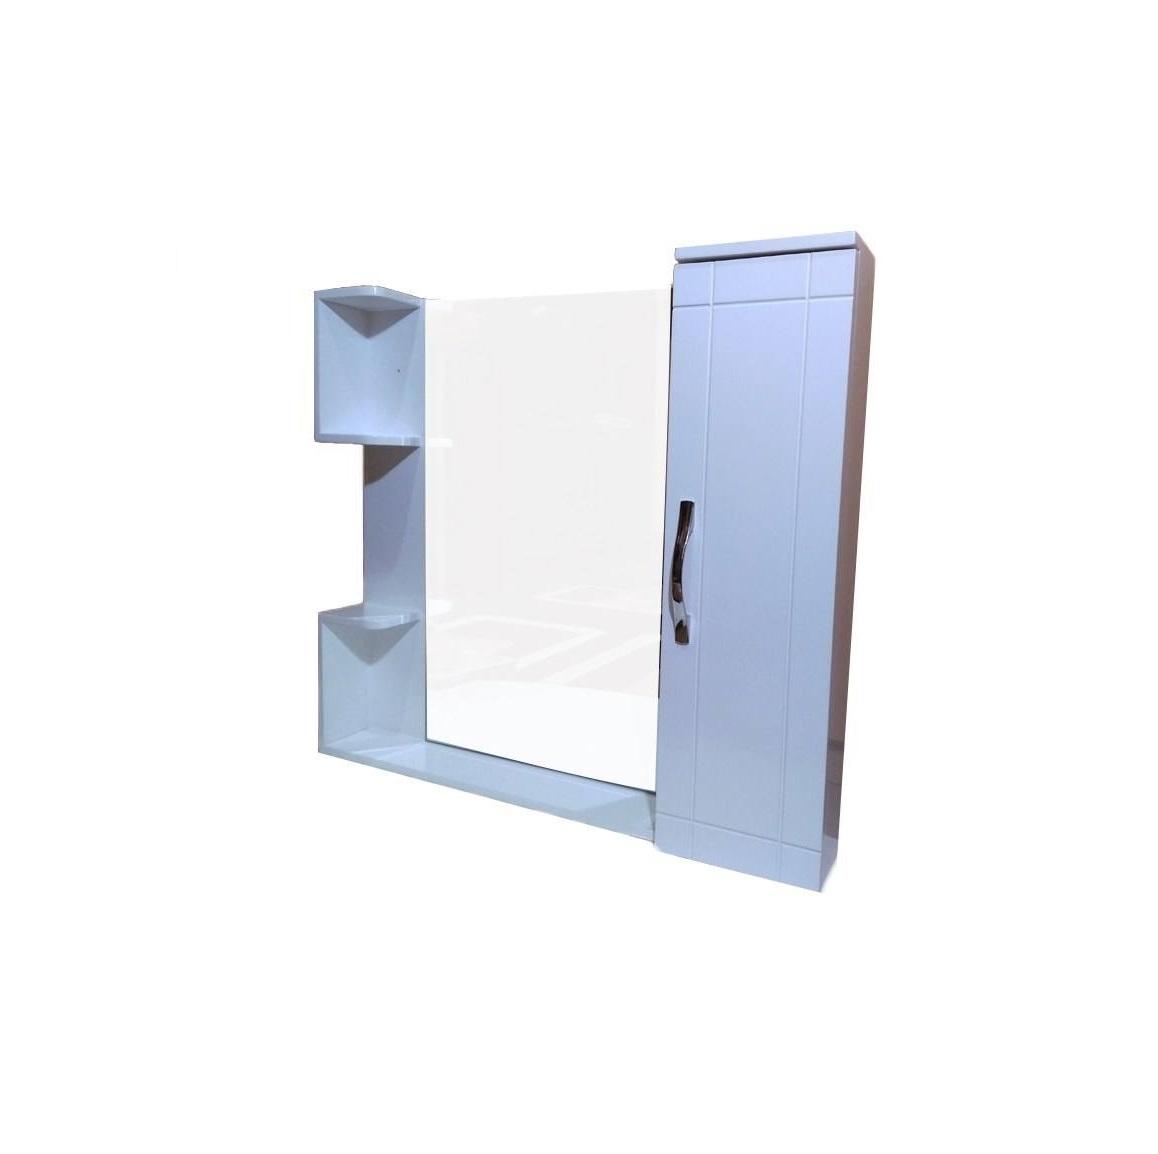 آینه و باکس - Tcl1 pvc